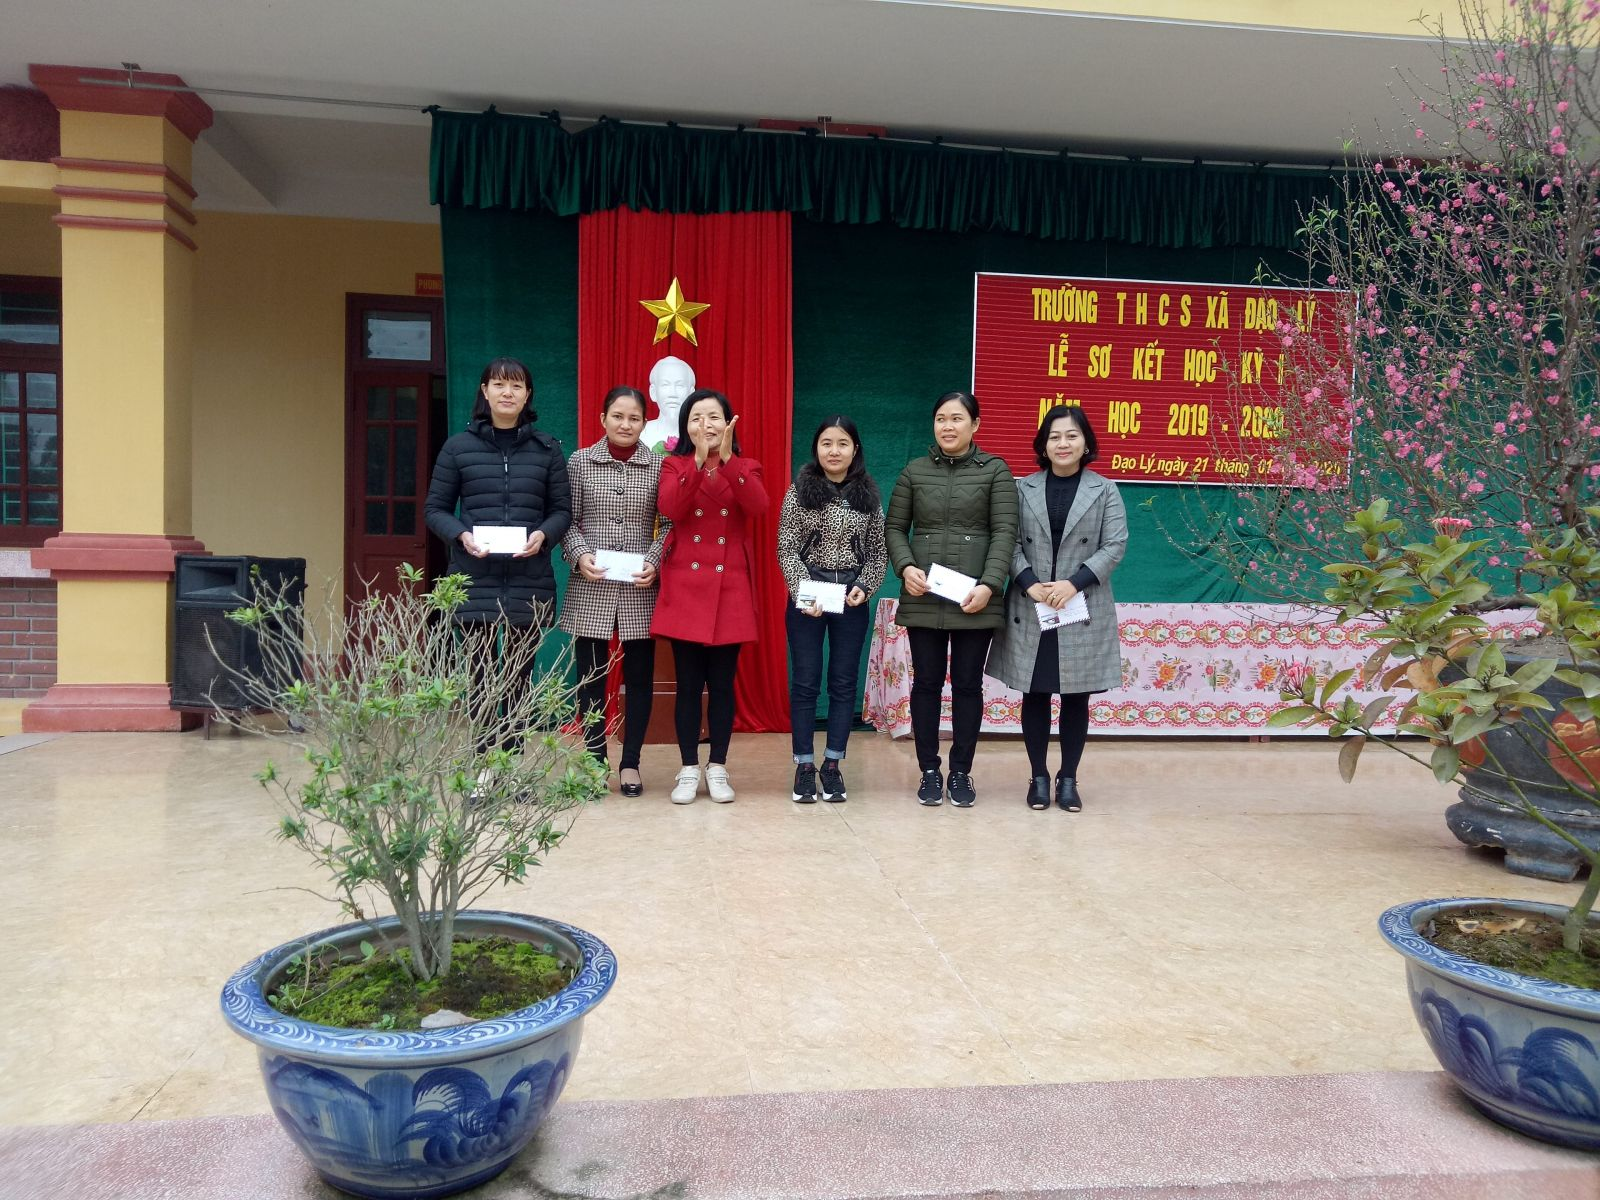 Bà Trần Thị Liên: Đảng ủy viên xã trao phần thưởng động viên một số giáo viên đạt một số thành tích trong học kỳ I năm học 2019 - 2020.